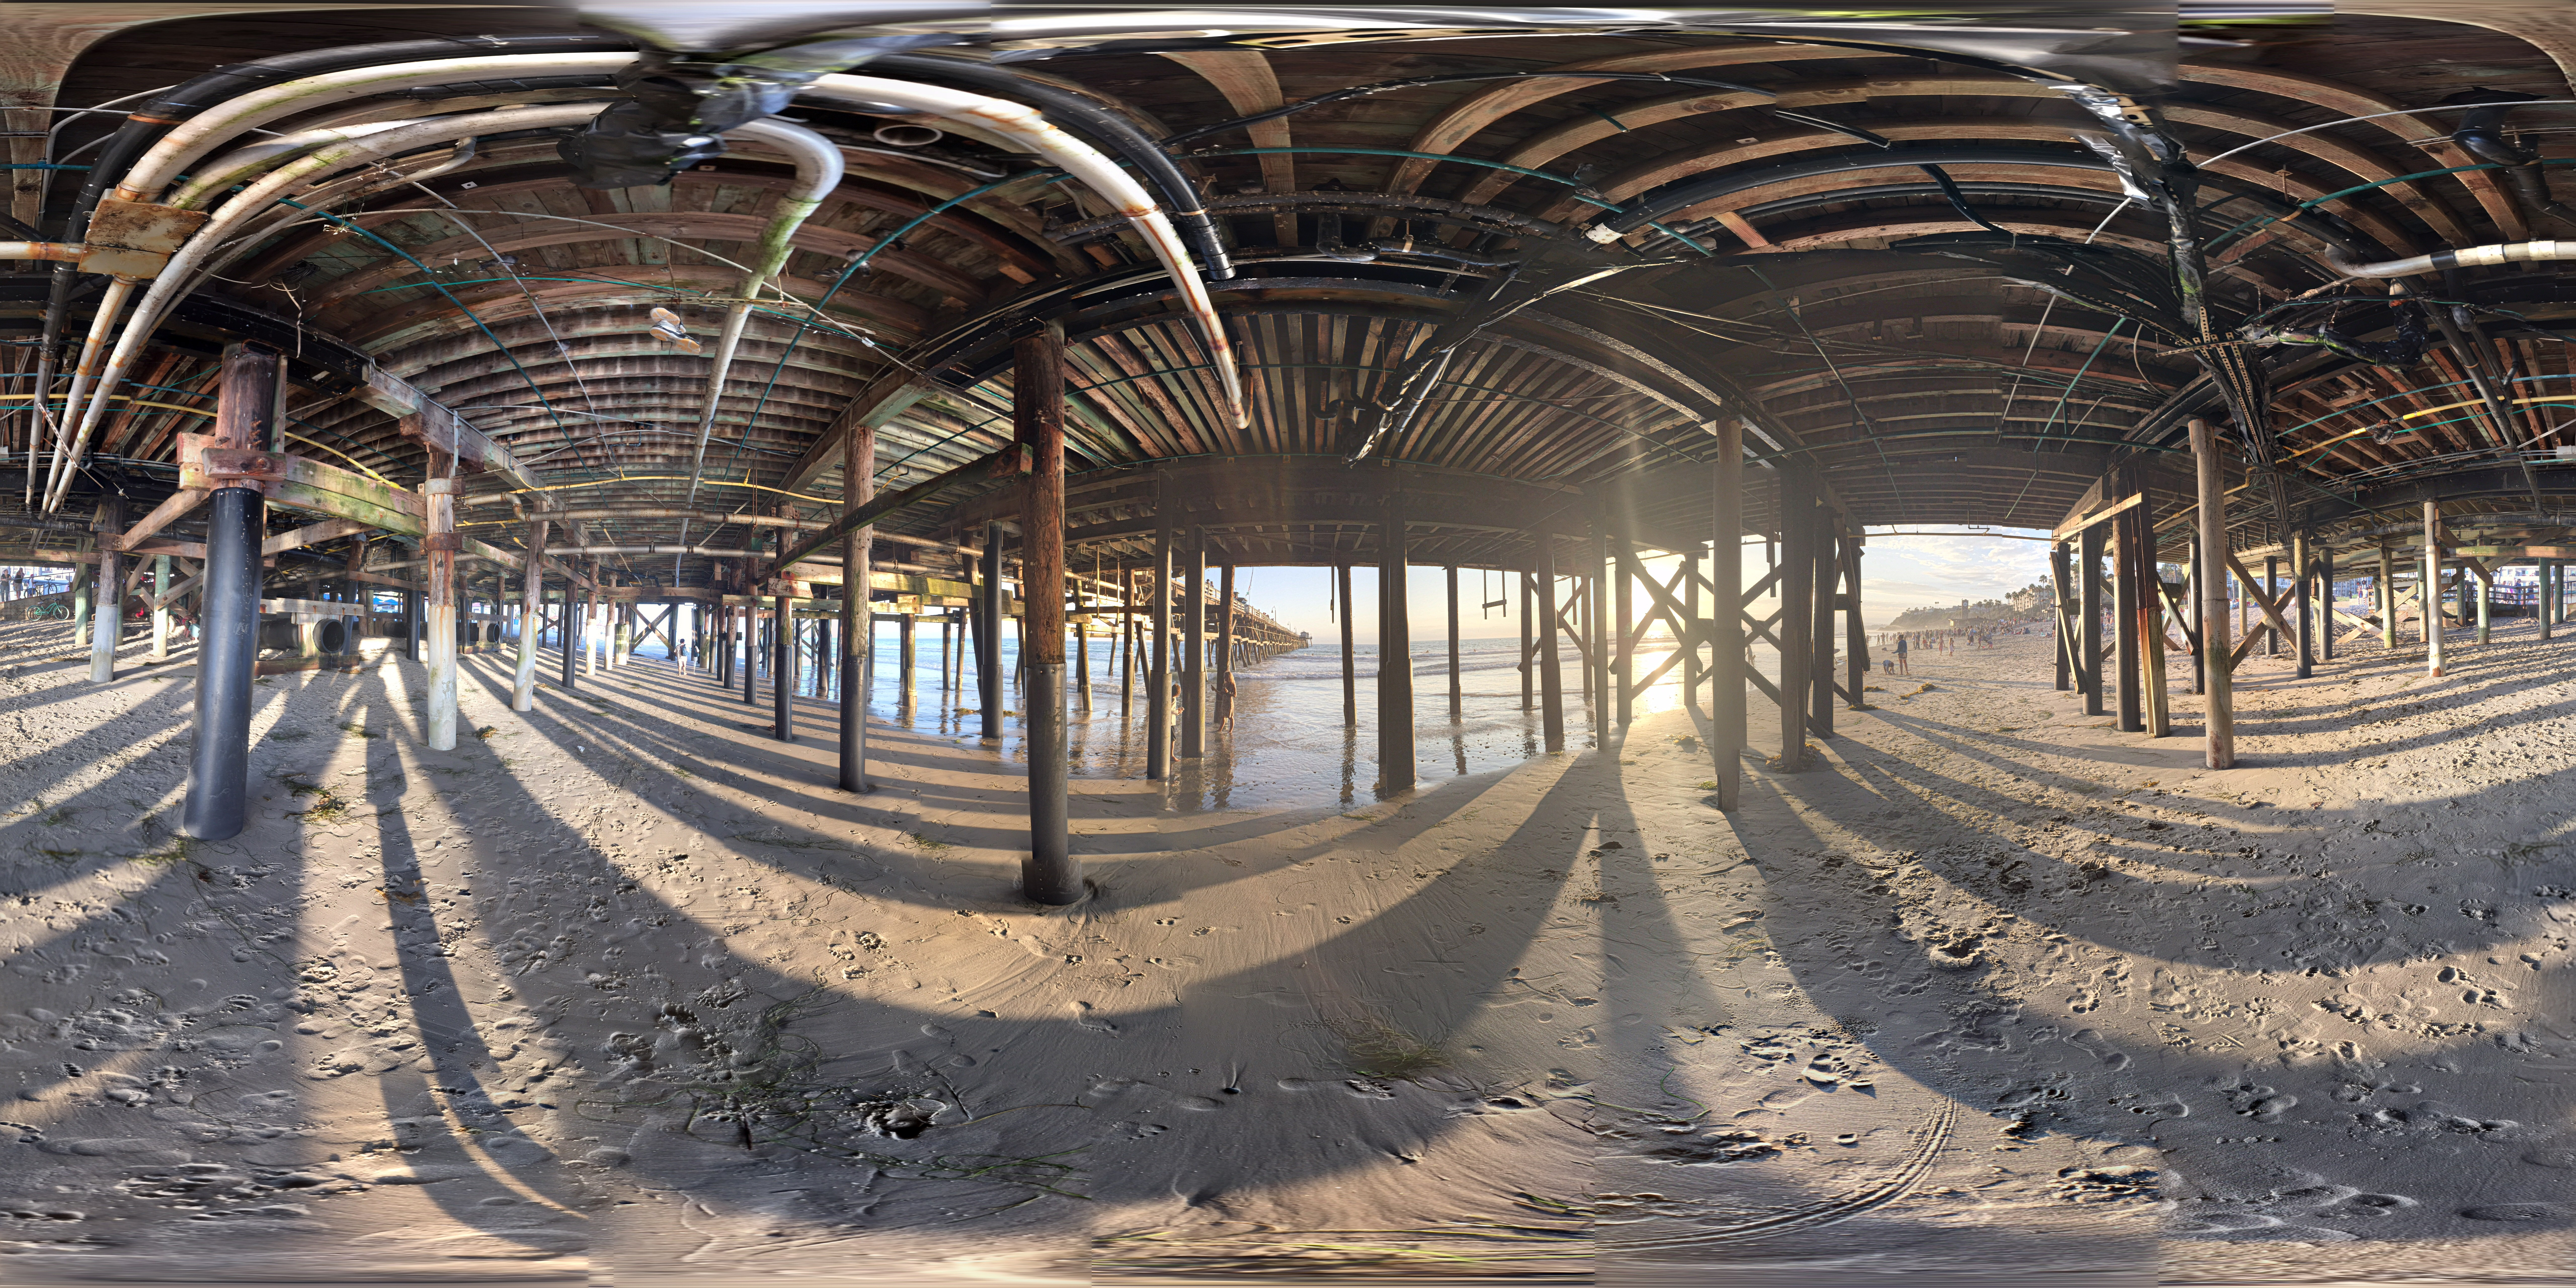 Photo: Under The SC Pier